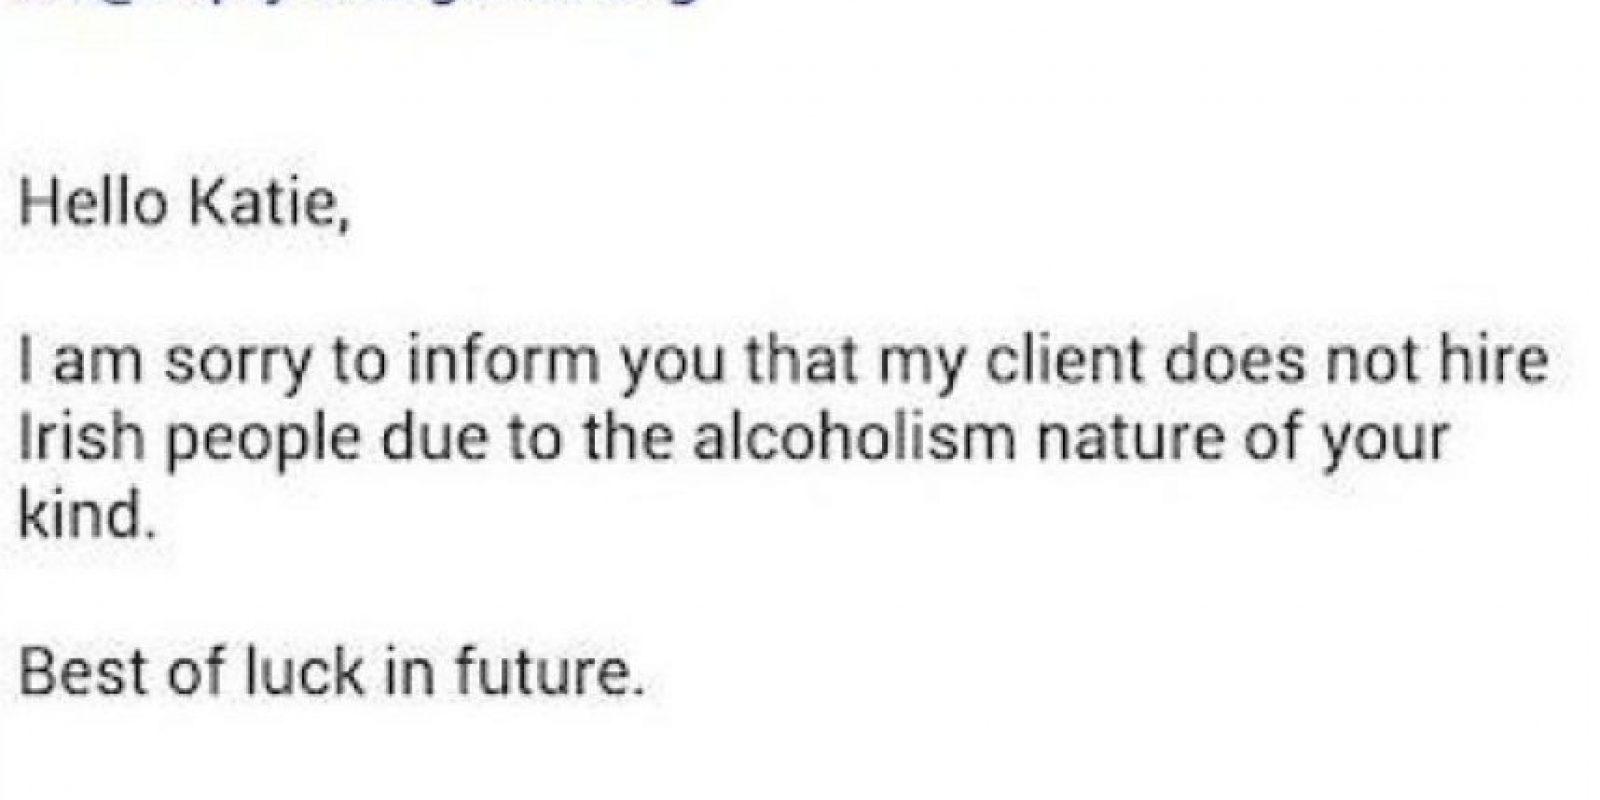 """Se le rechazó de un trabajo en Corea del Sur por ser irlandesa, ya que tenía una """"predisposición natural al alcoholismo"""". Foto:Facebook: Katie Mulrennan"""